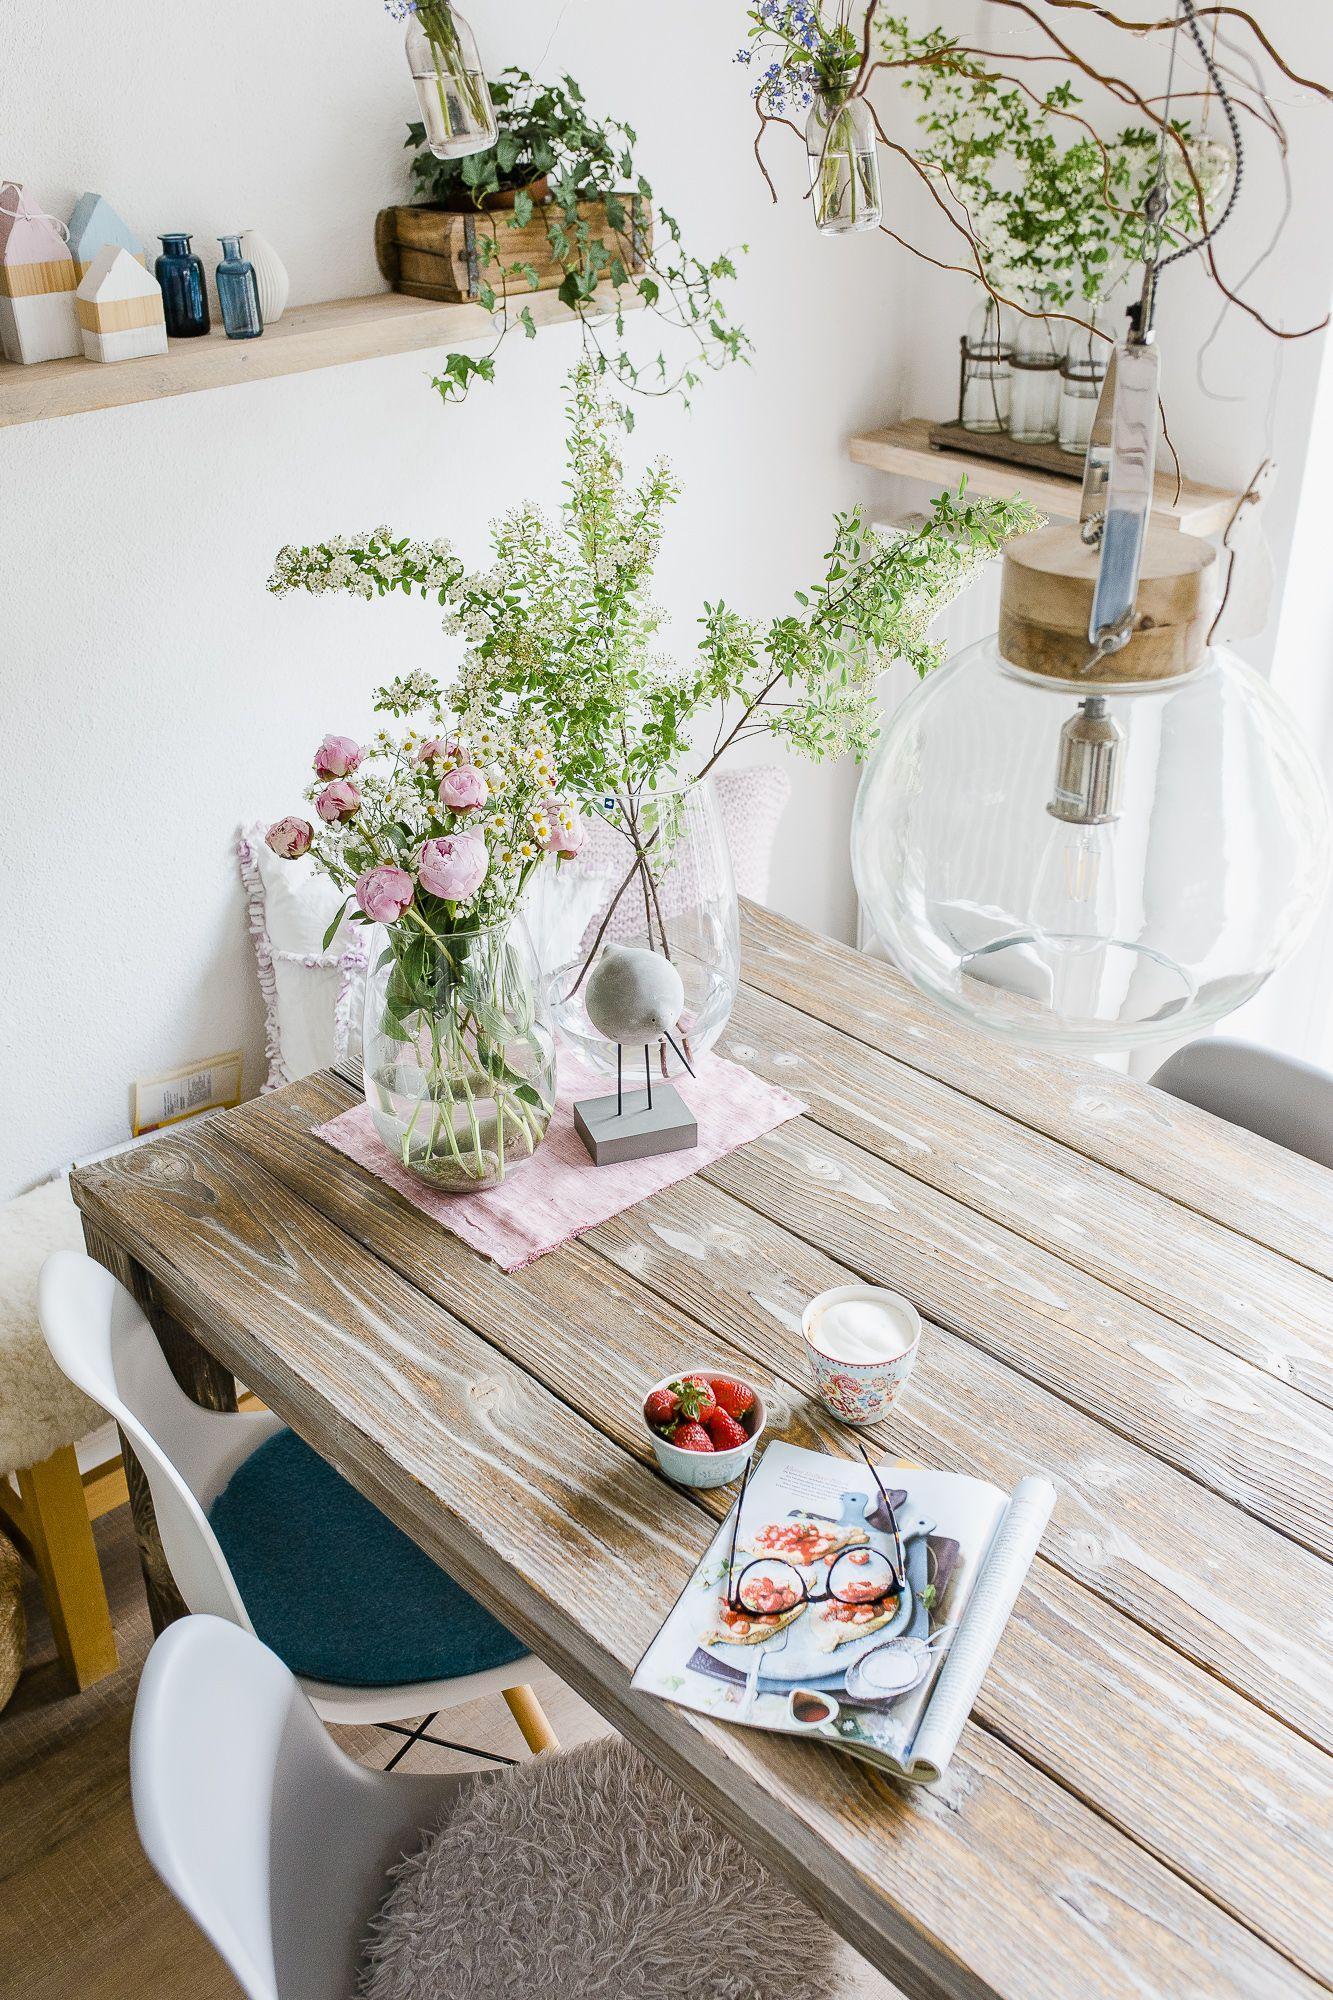 Blumen arrangieren im Landhausstil #landhausstildekoration